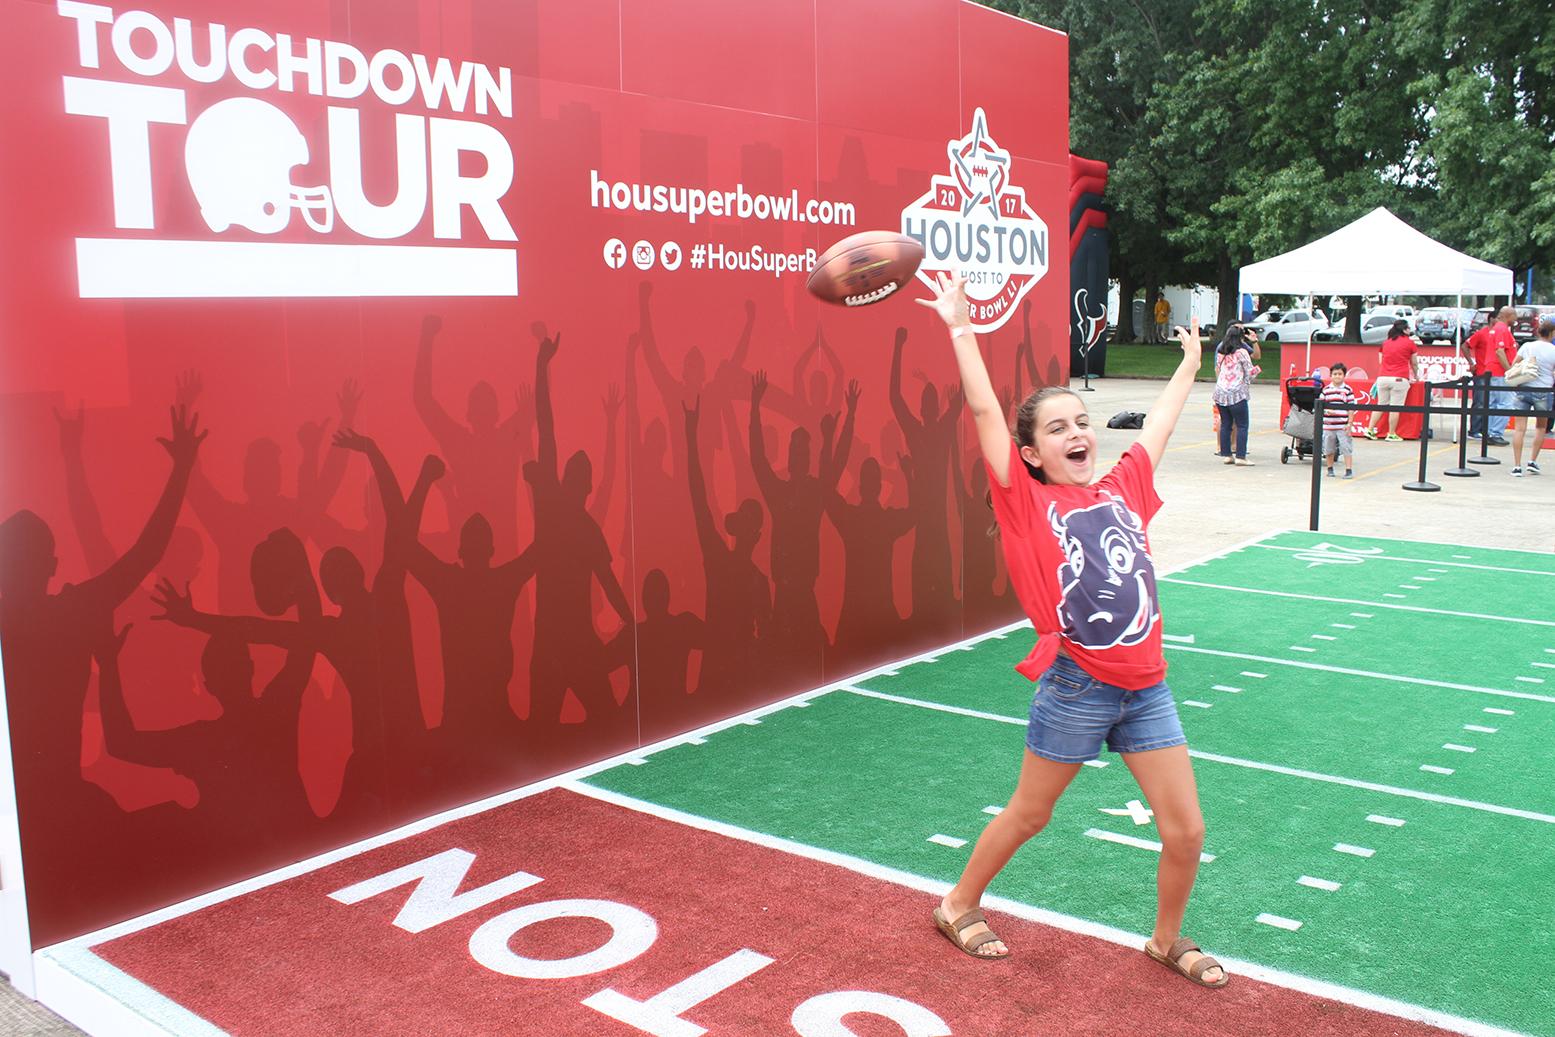 super bowl touchdown tour